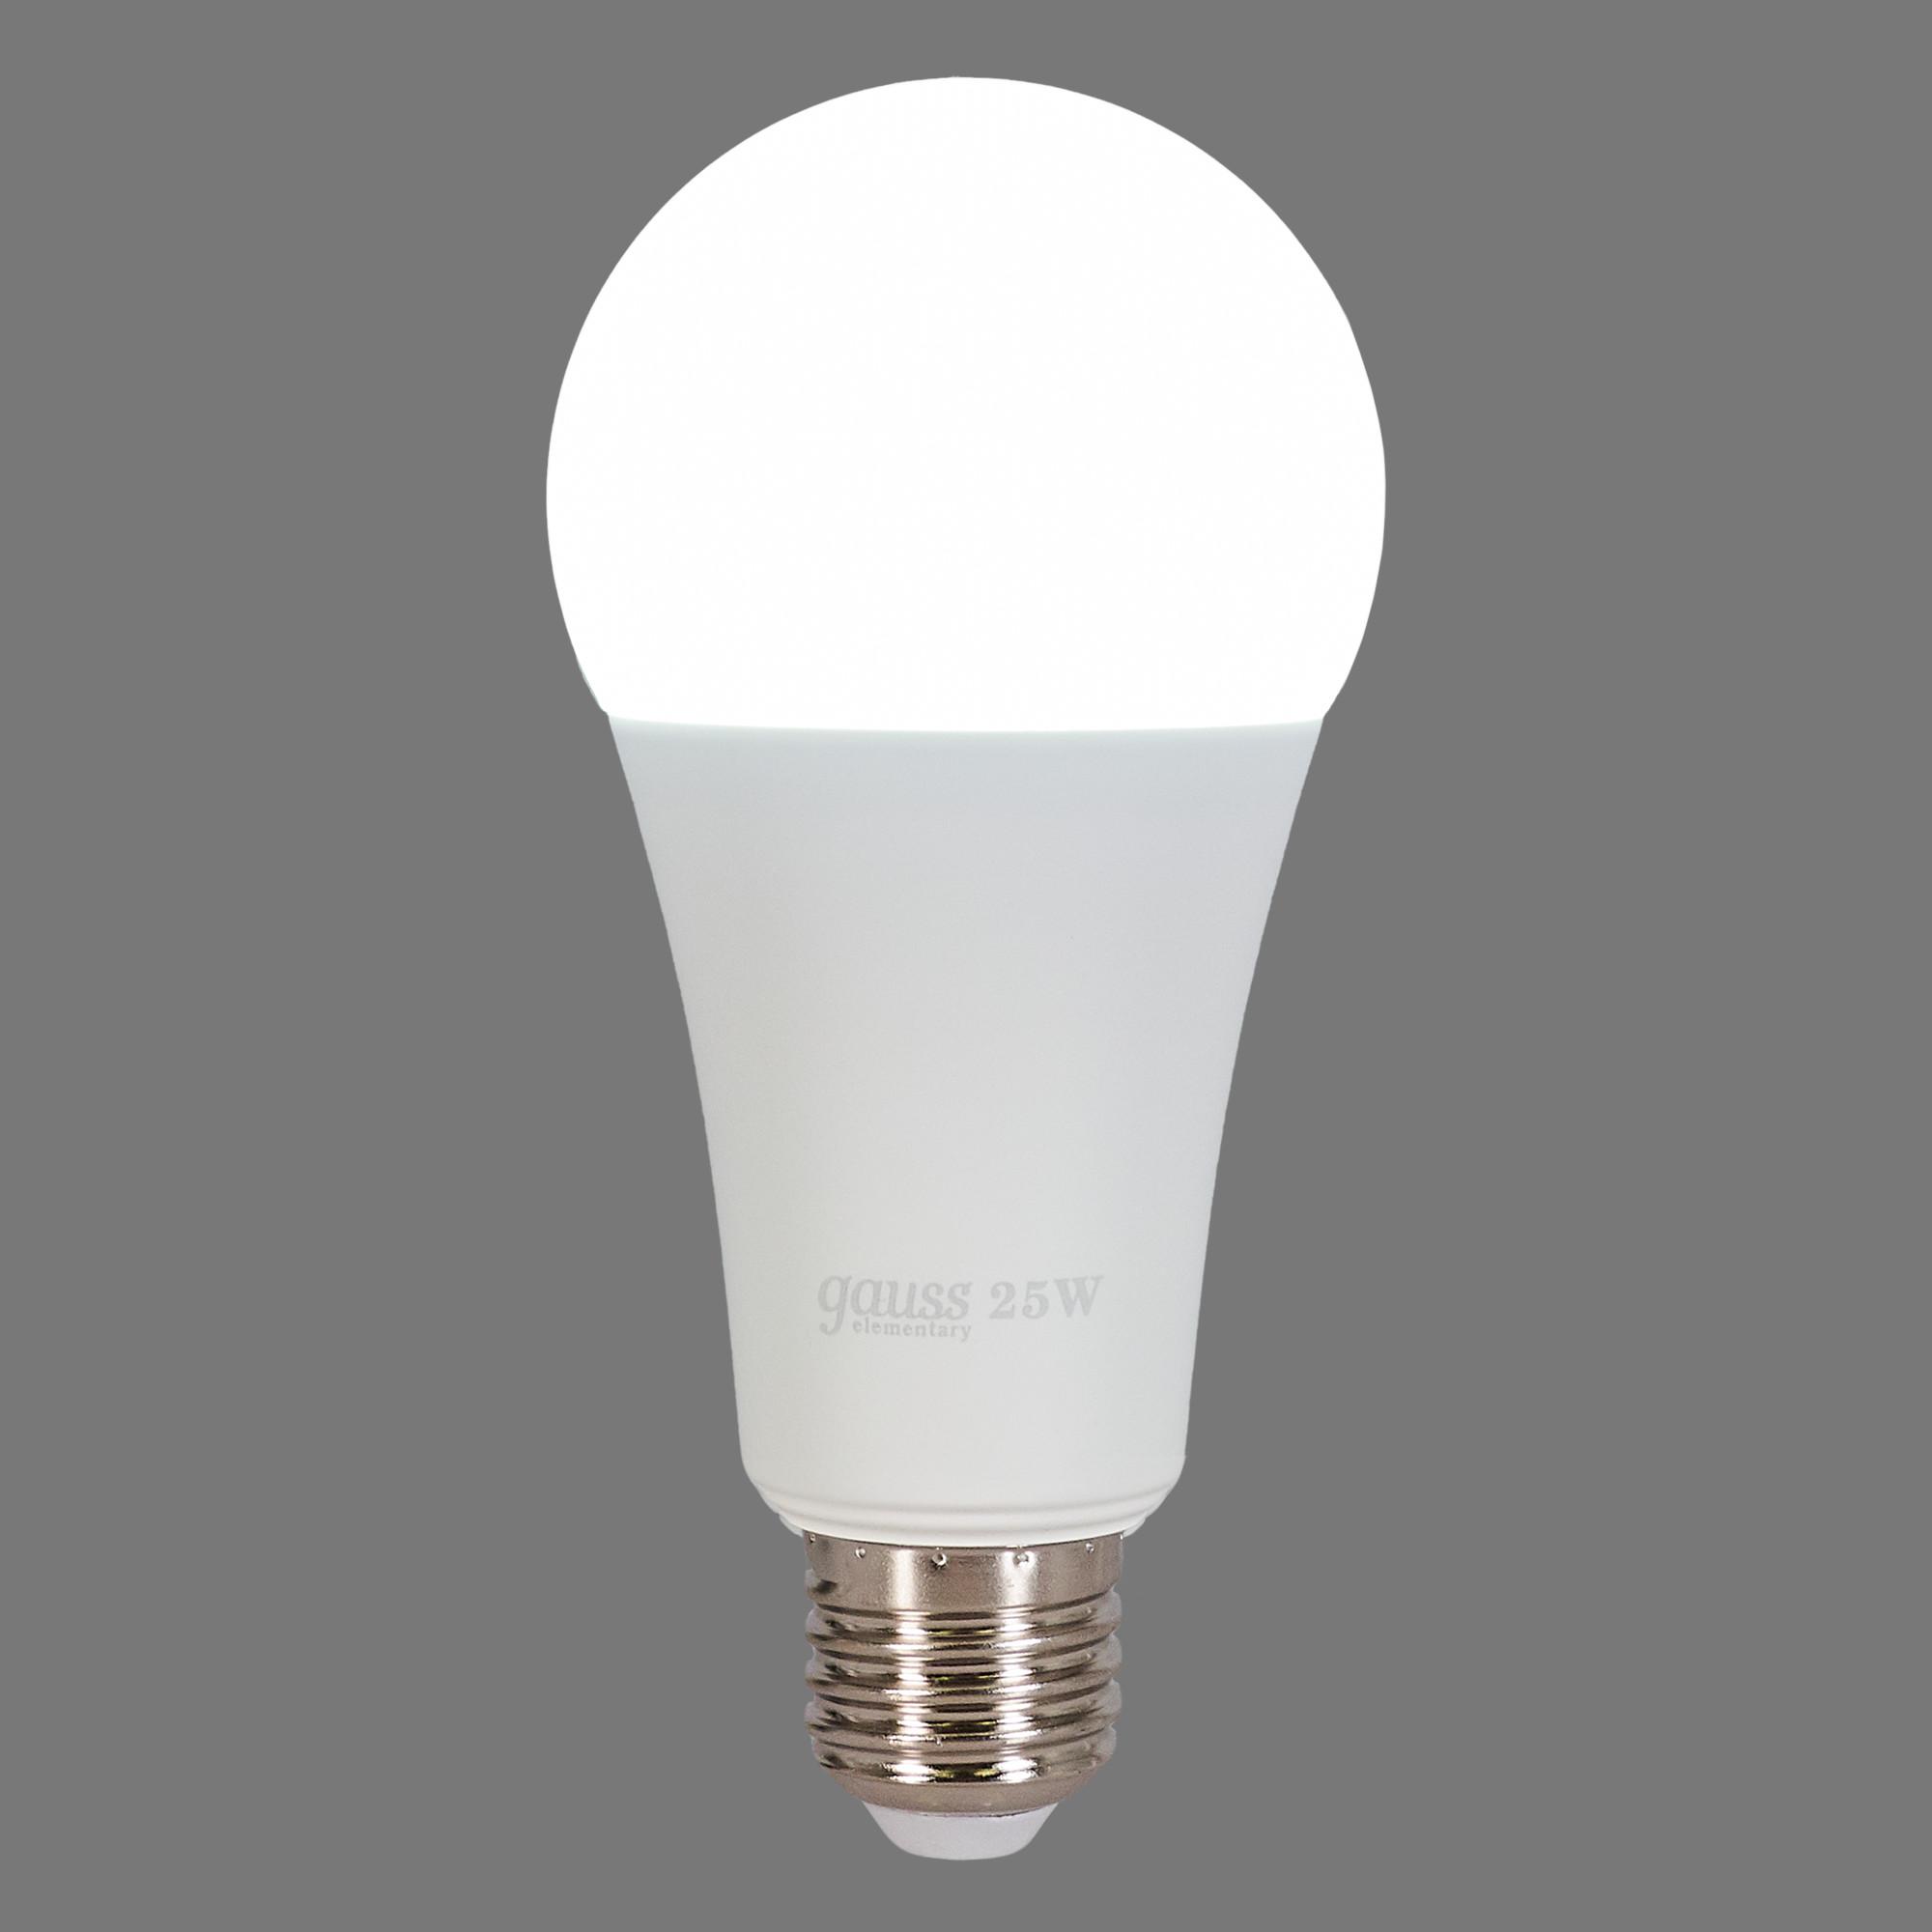 Лампа светодиодная Gauss LED Elementary A67 E27 220 В 25 Вт груша матовая 2150 лм холодный белый свет